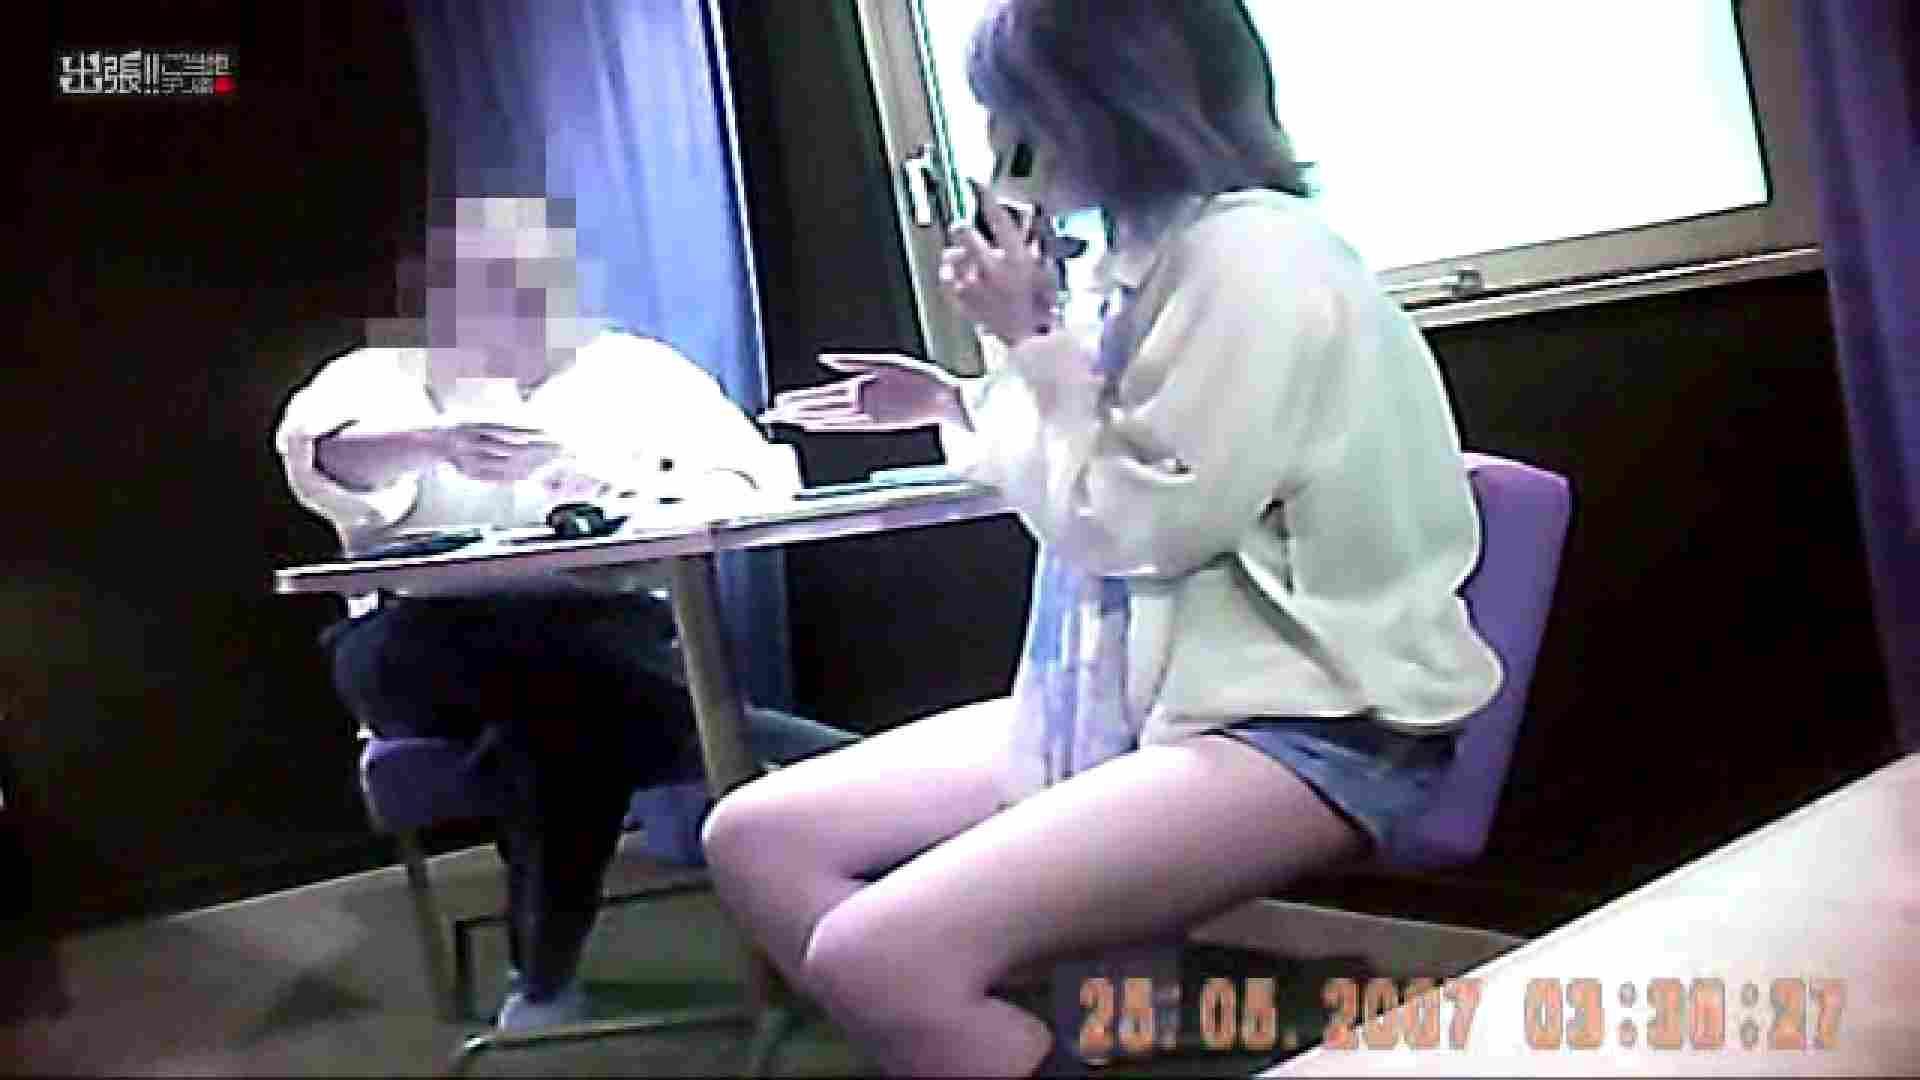 出張リーマンのデリ嬢隠し撮り第3弾vol.5 盗撮 女性器鑑賞 82pic 18